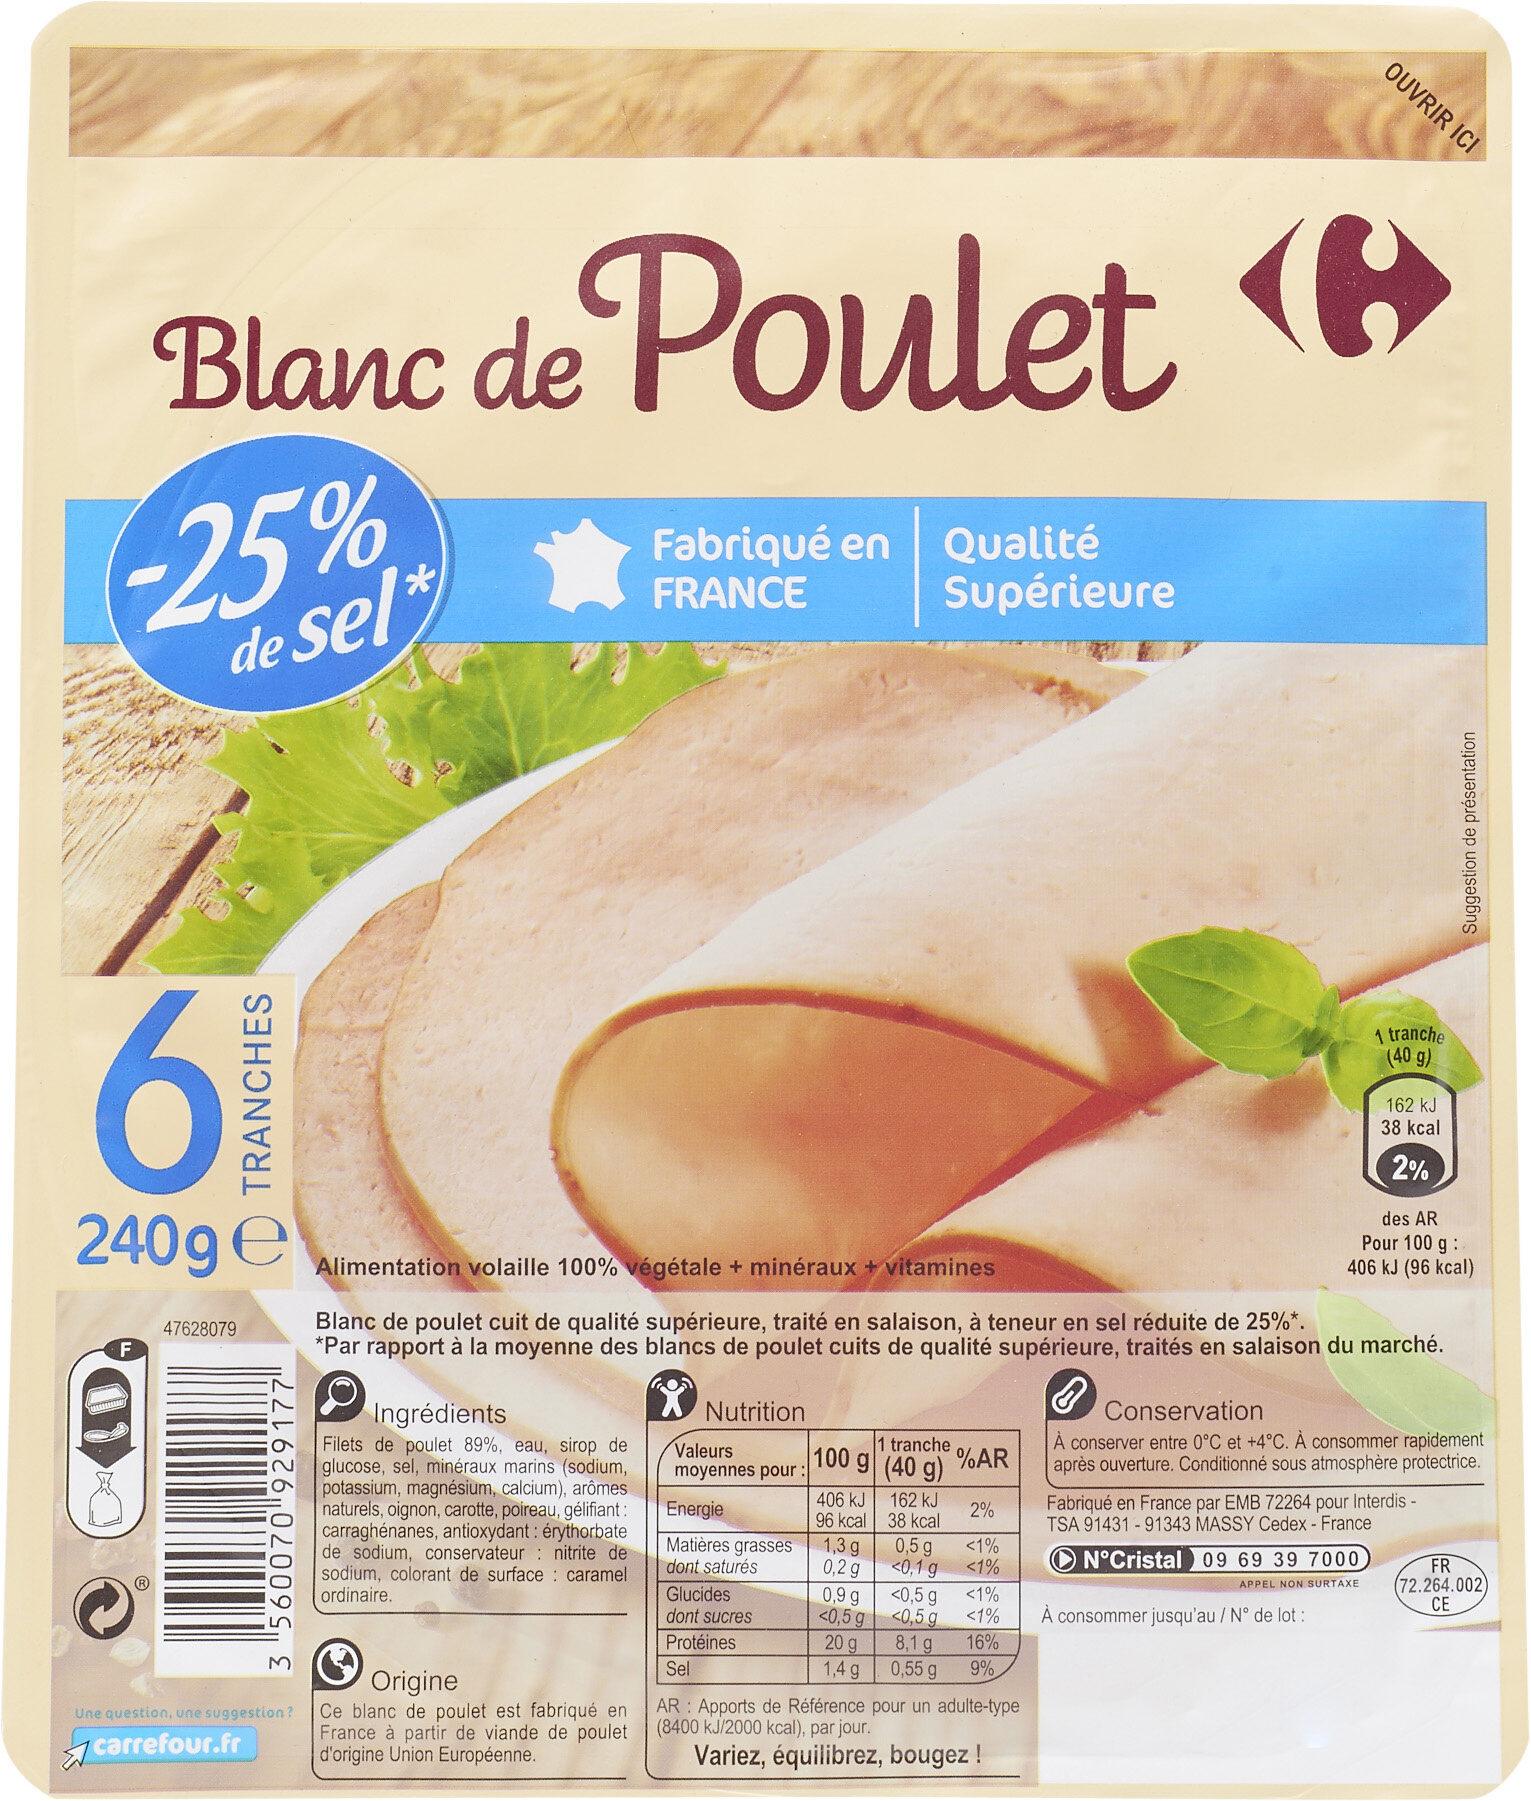 Blanc de Poulet -25% de sel * - Product - fr